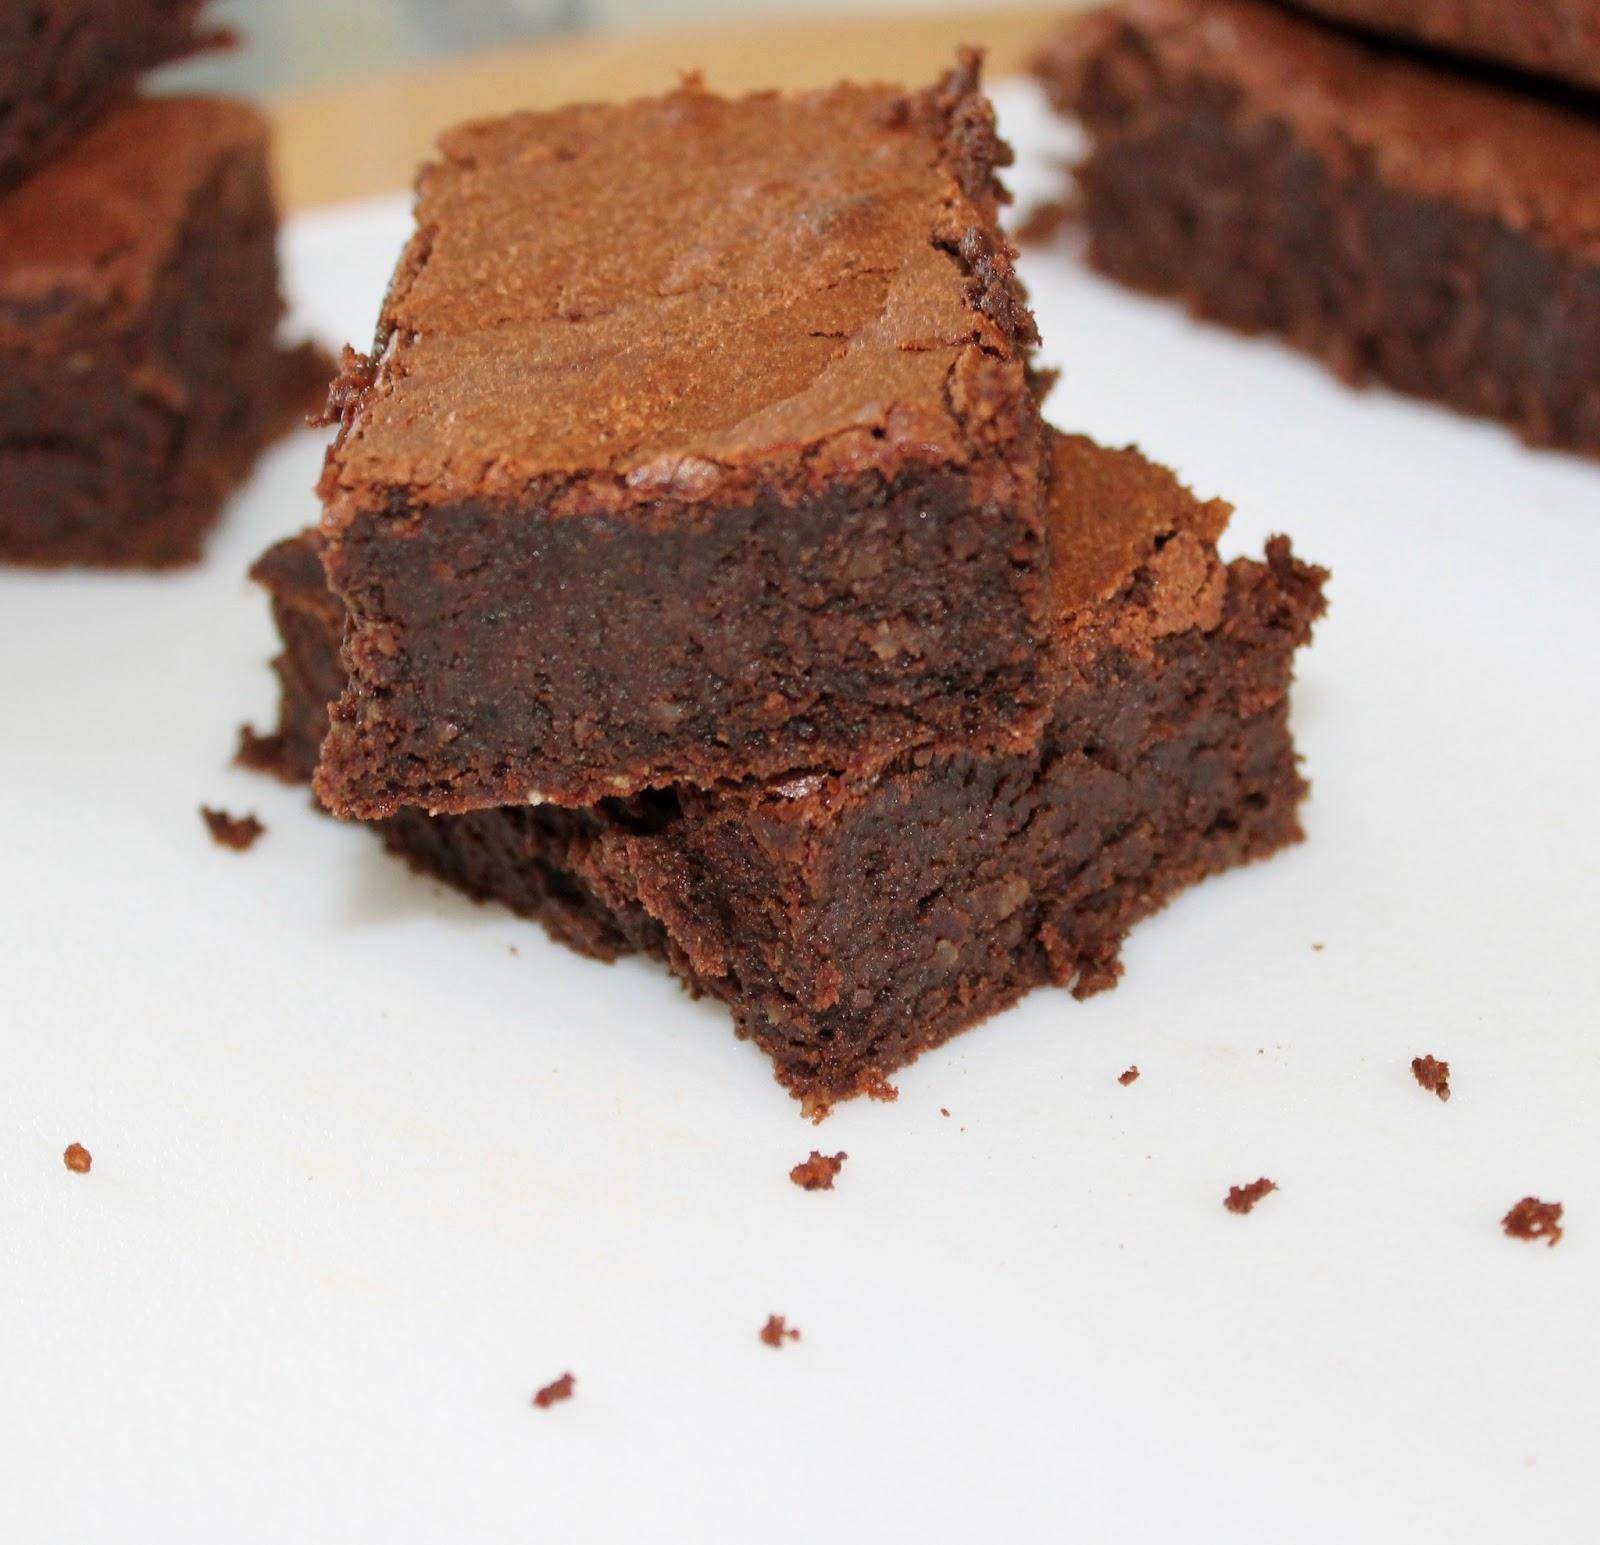 torta barozzi g teau au chocolat et au marc de caf. Black Bedroom Furniture Sets. Home Design Ideas